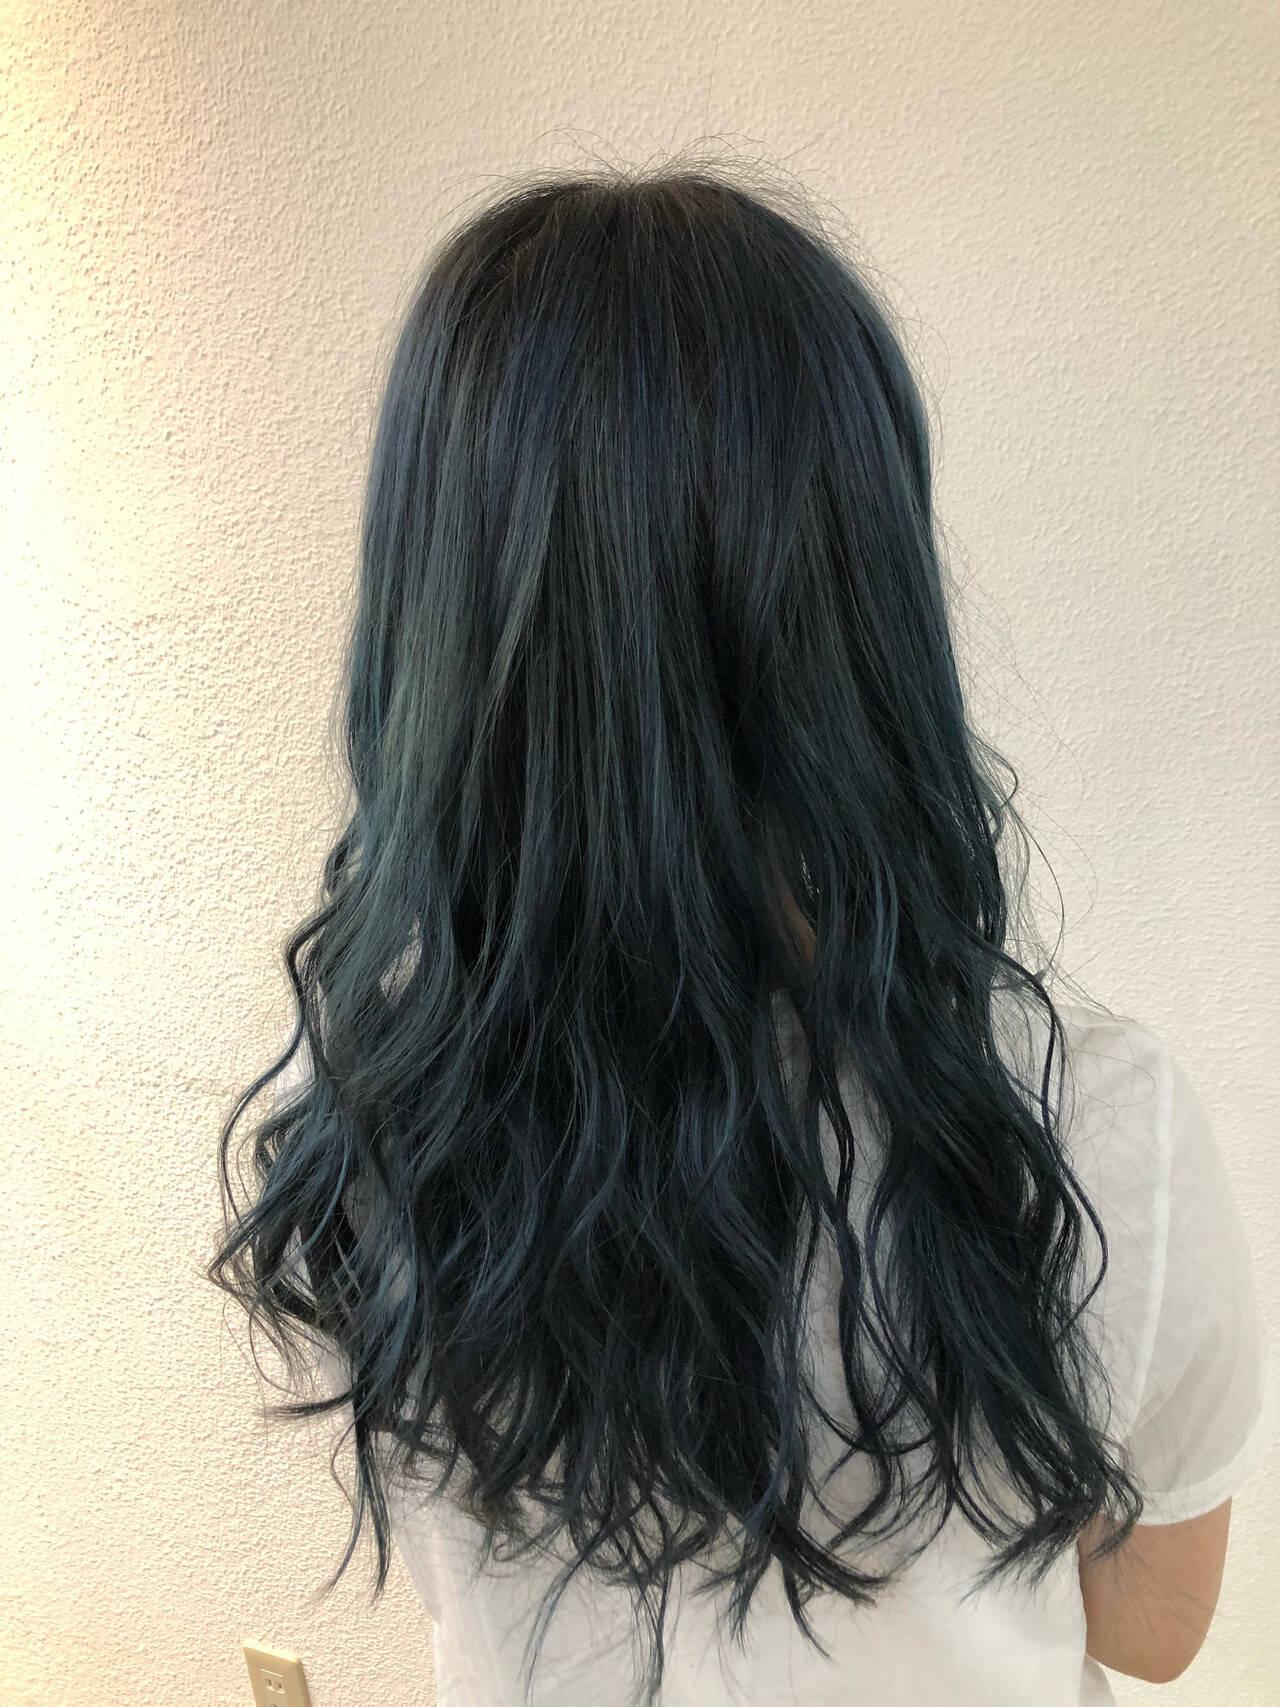 透明感カラー ロング ナチュラル ブルージュヘアスタイルや髪型の写真・画像